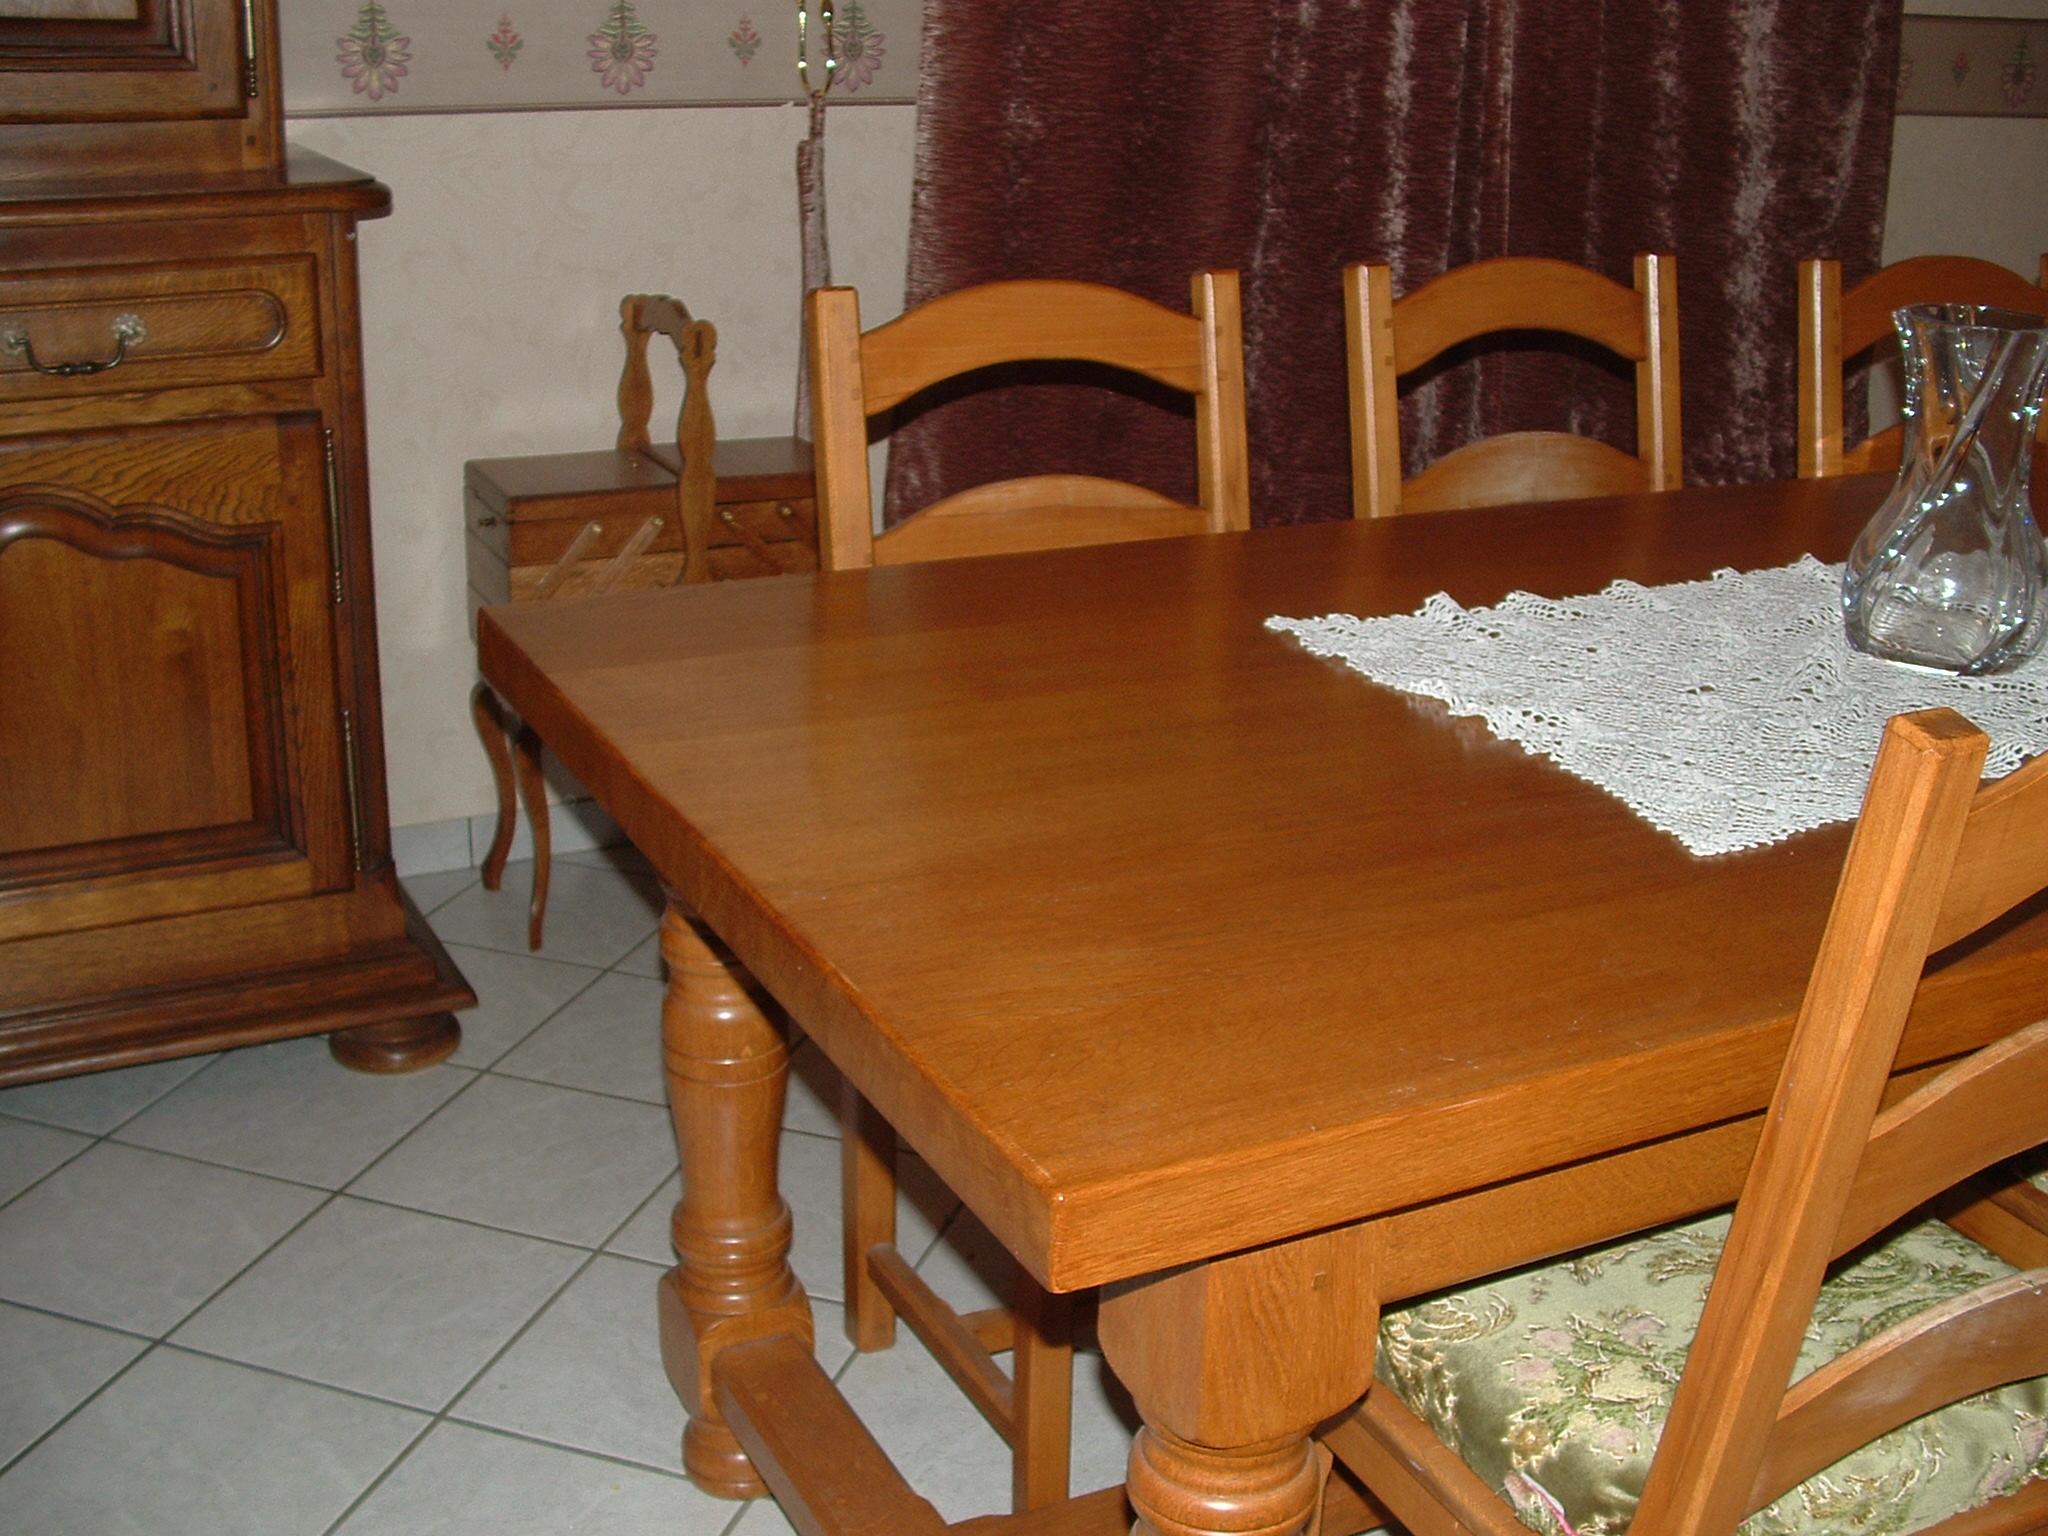 comment teinter du bois. Black Bedroom Furniture Sets. Home Design Ideas